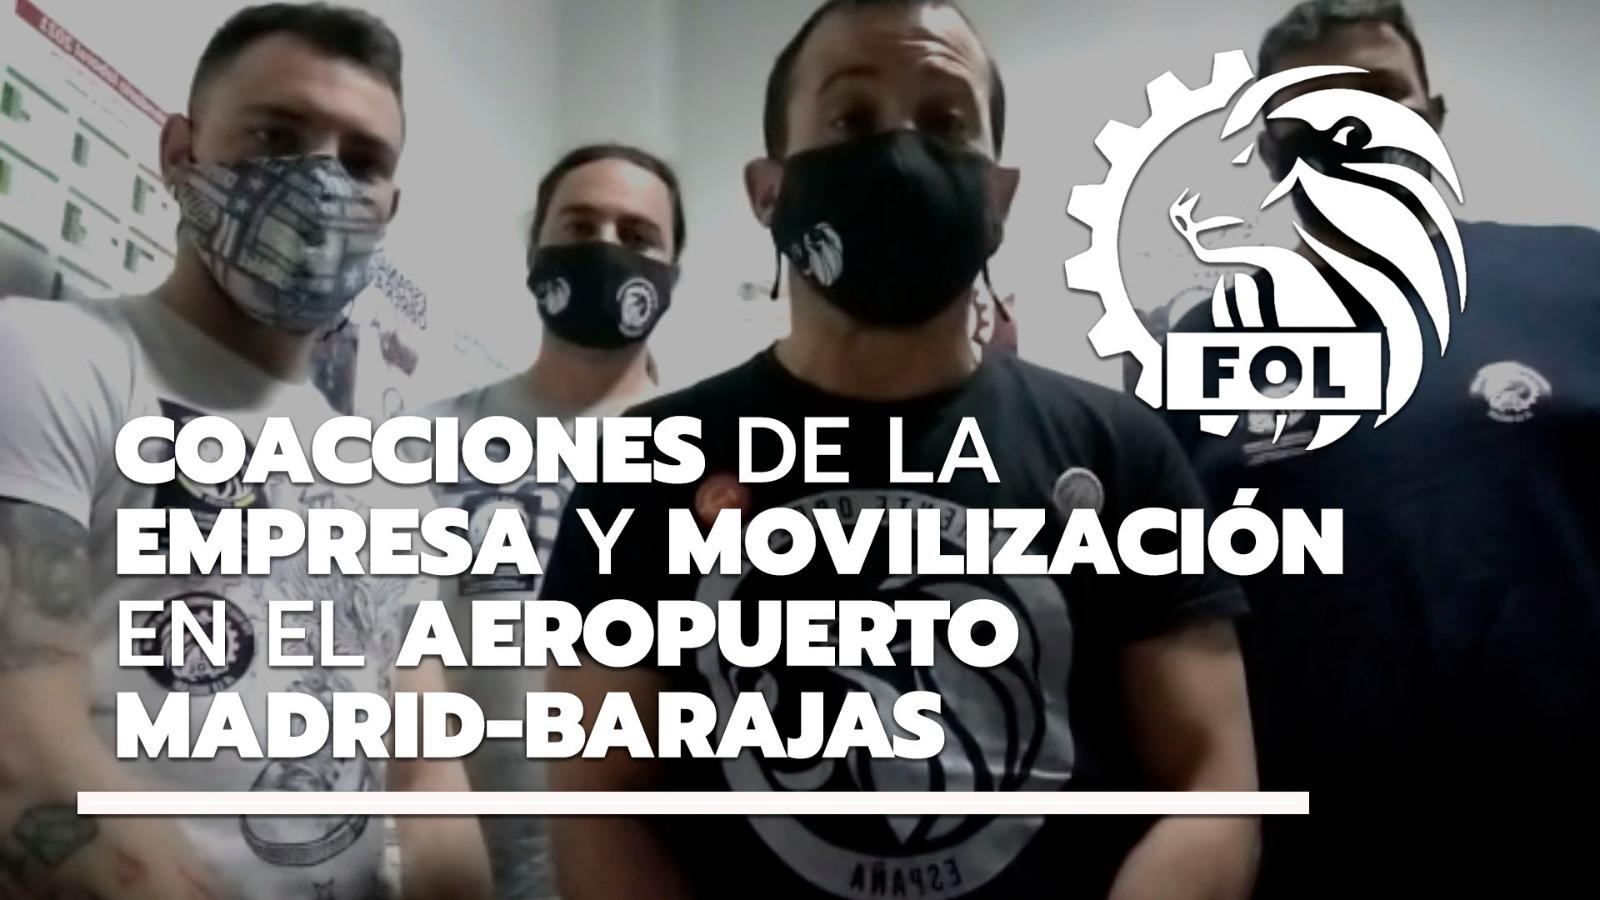 Coacciones De La Empresa Y Movilización Del Aeropuerto Madrid-Barajas